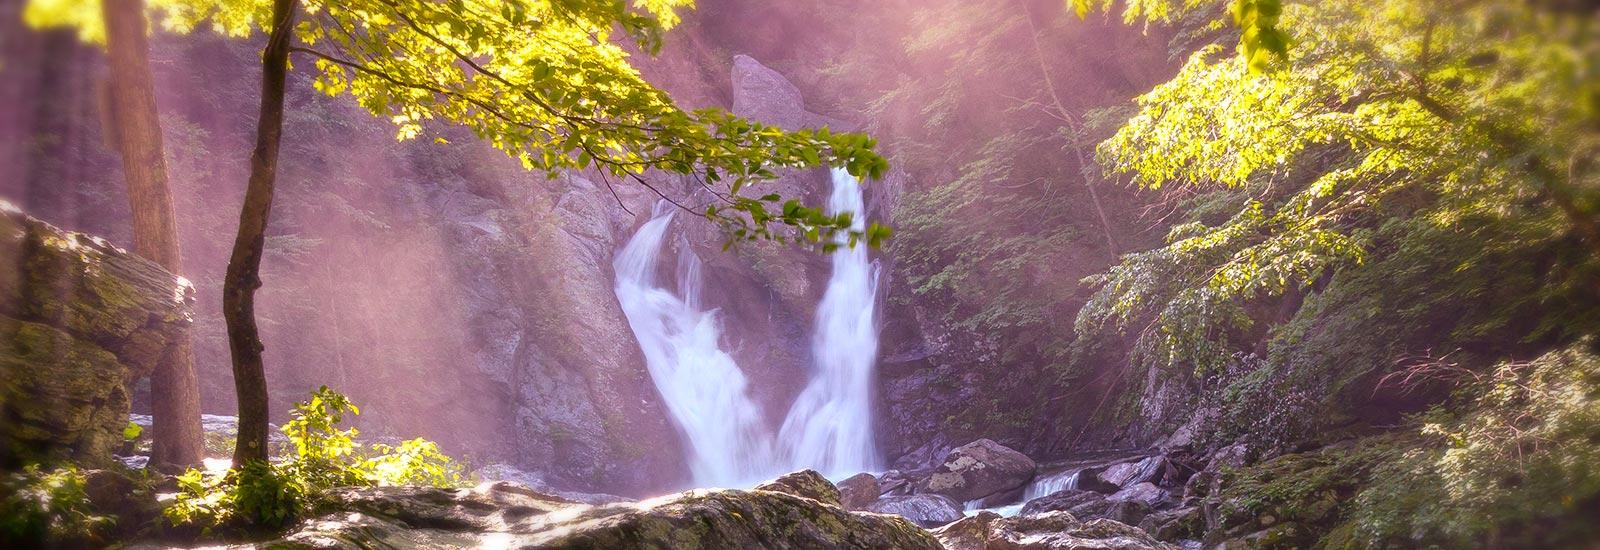 Massachusetts State Park falls